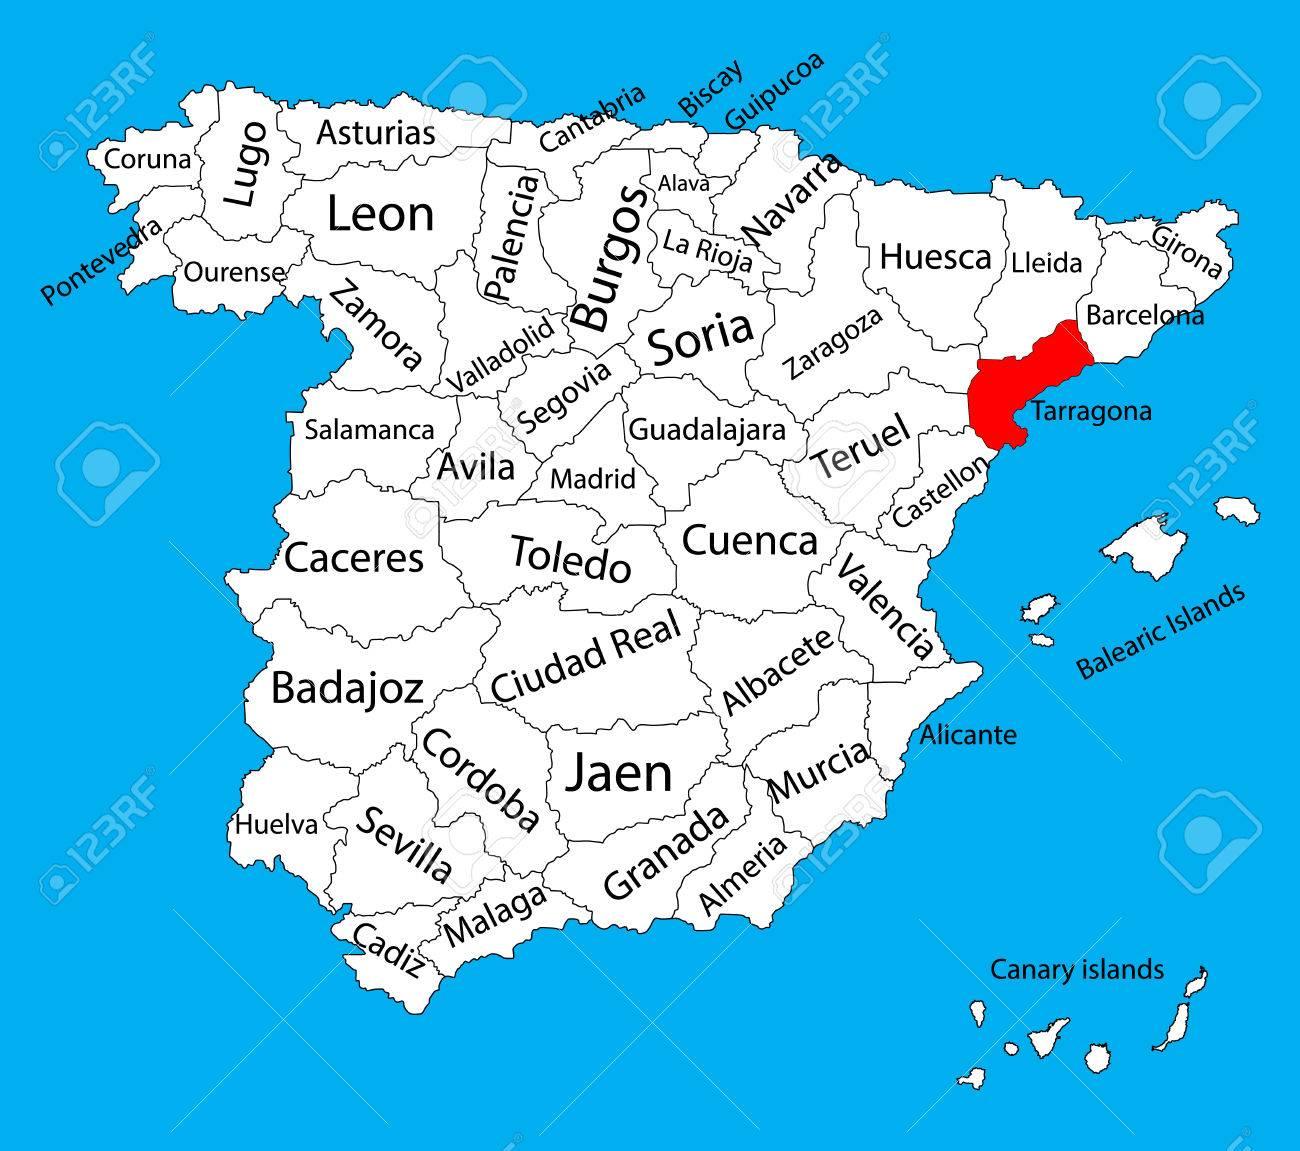 tarragona mapa Tarragona Mapa, España Mapa Vectorial De La Provincia. Alto Mapa  tarragona mapa